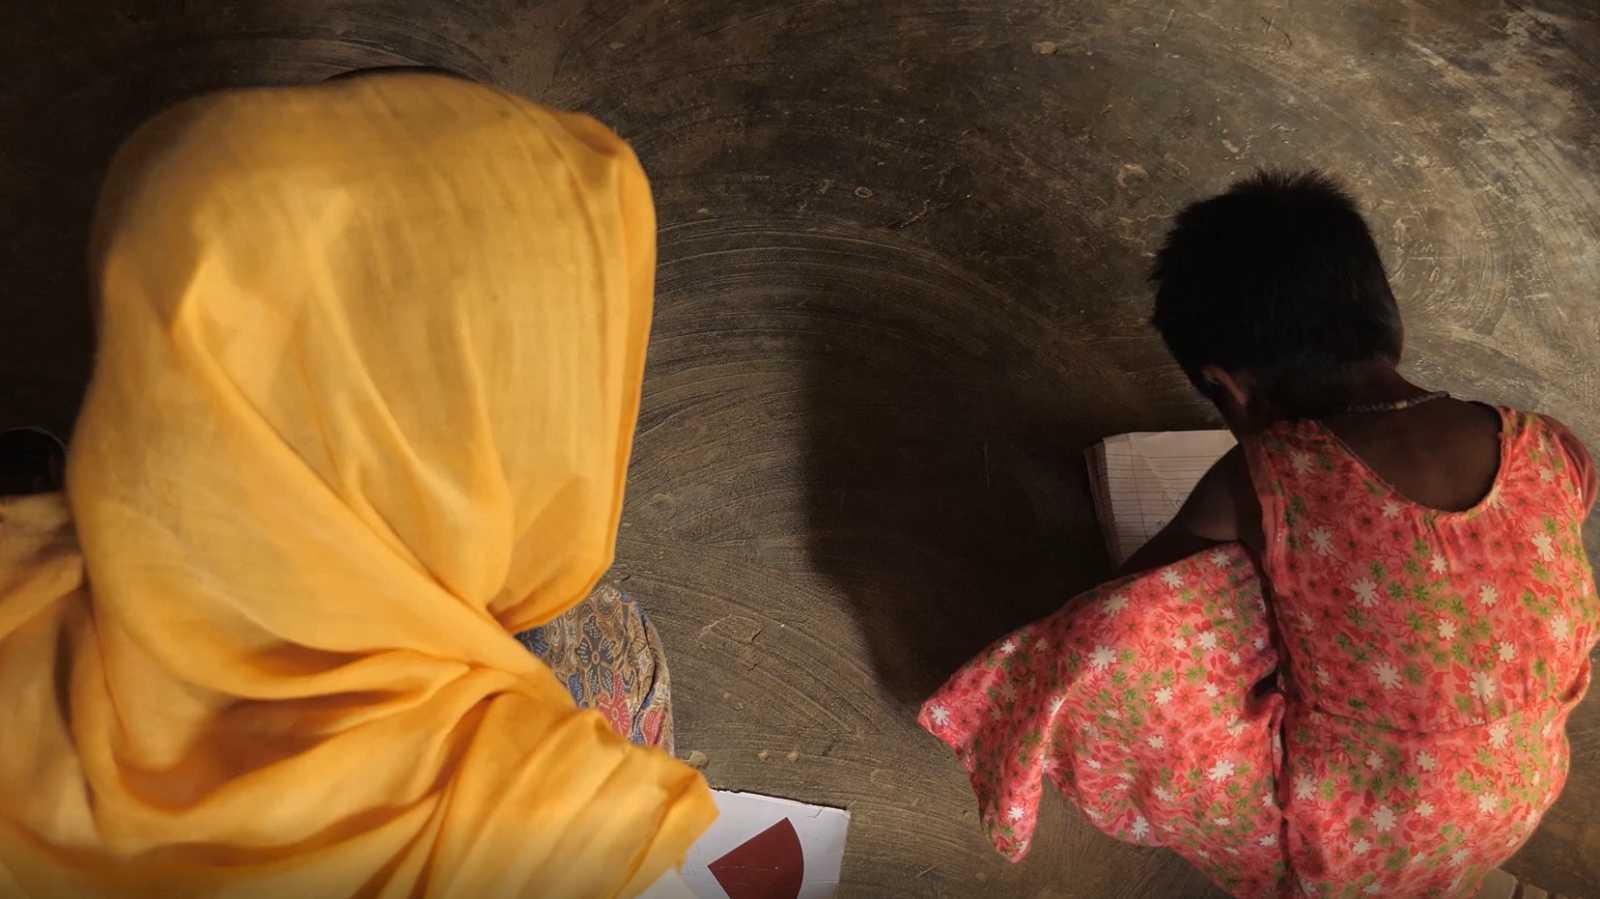 Azuma vigila a su hija Lala Bibi en un campamento de refugiados rohingya en Bangladesh. Tiene miedo de que desaparezca como su hermana Asma, víctima de la trata de personas.